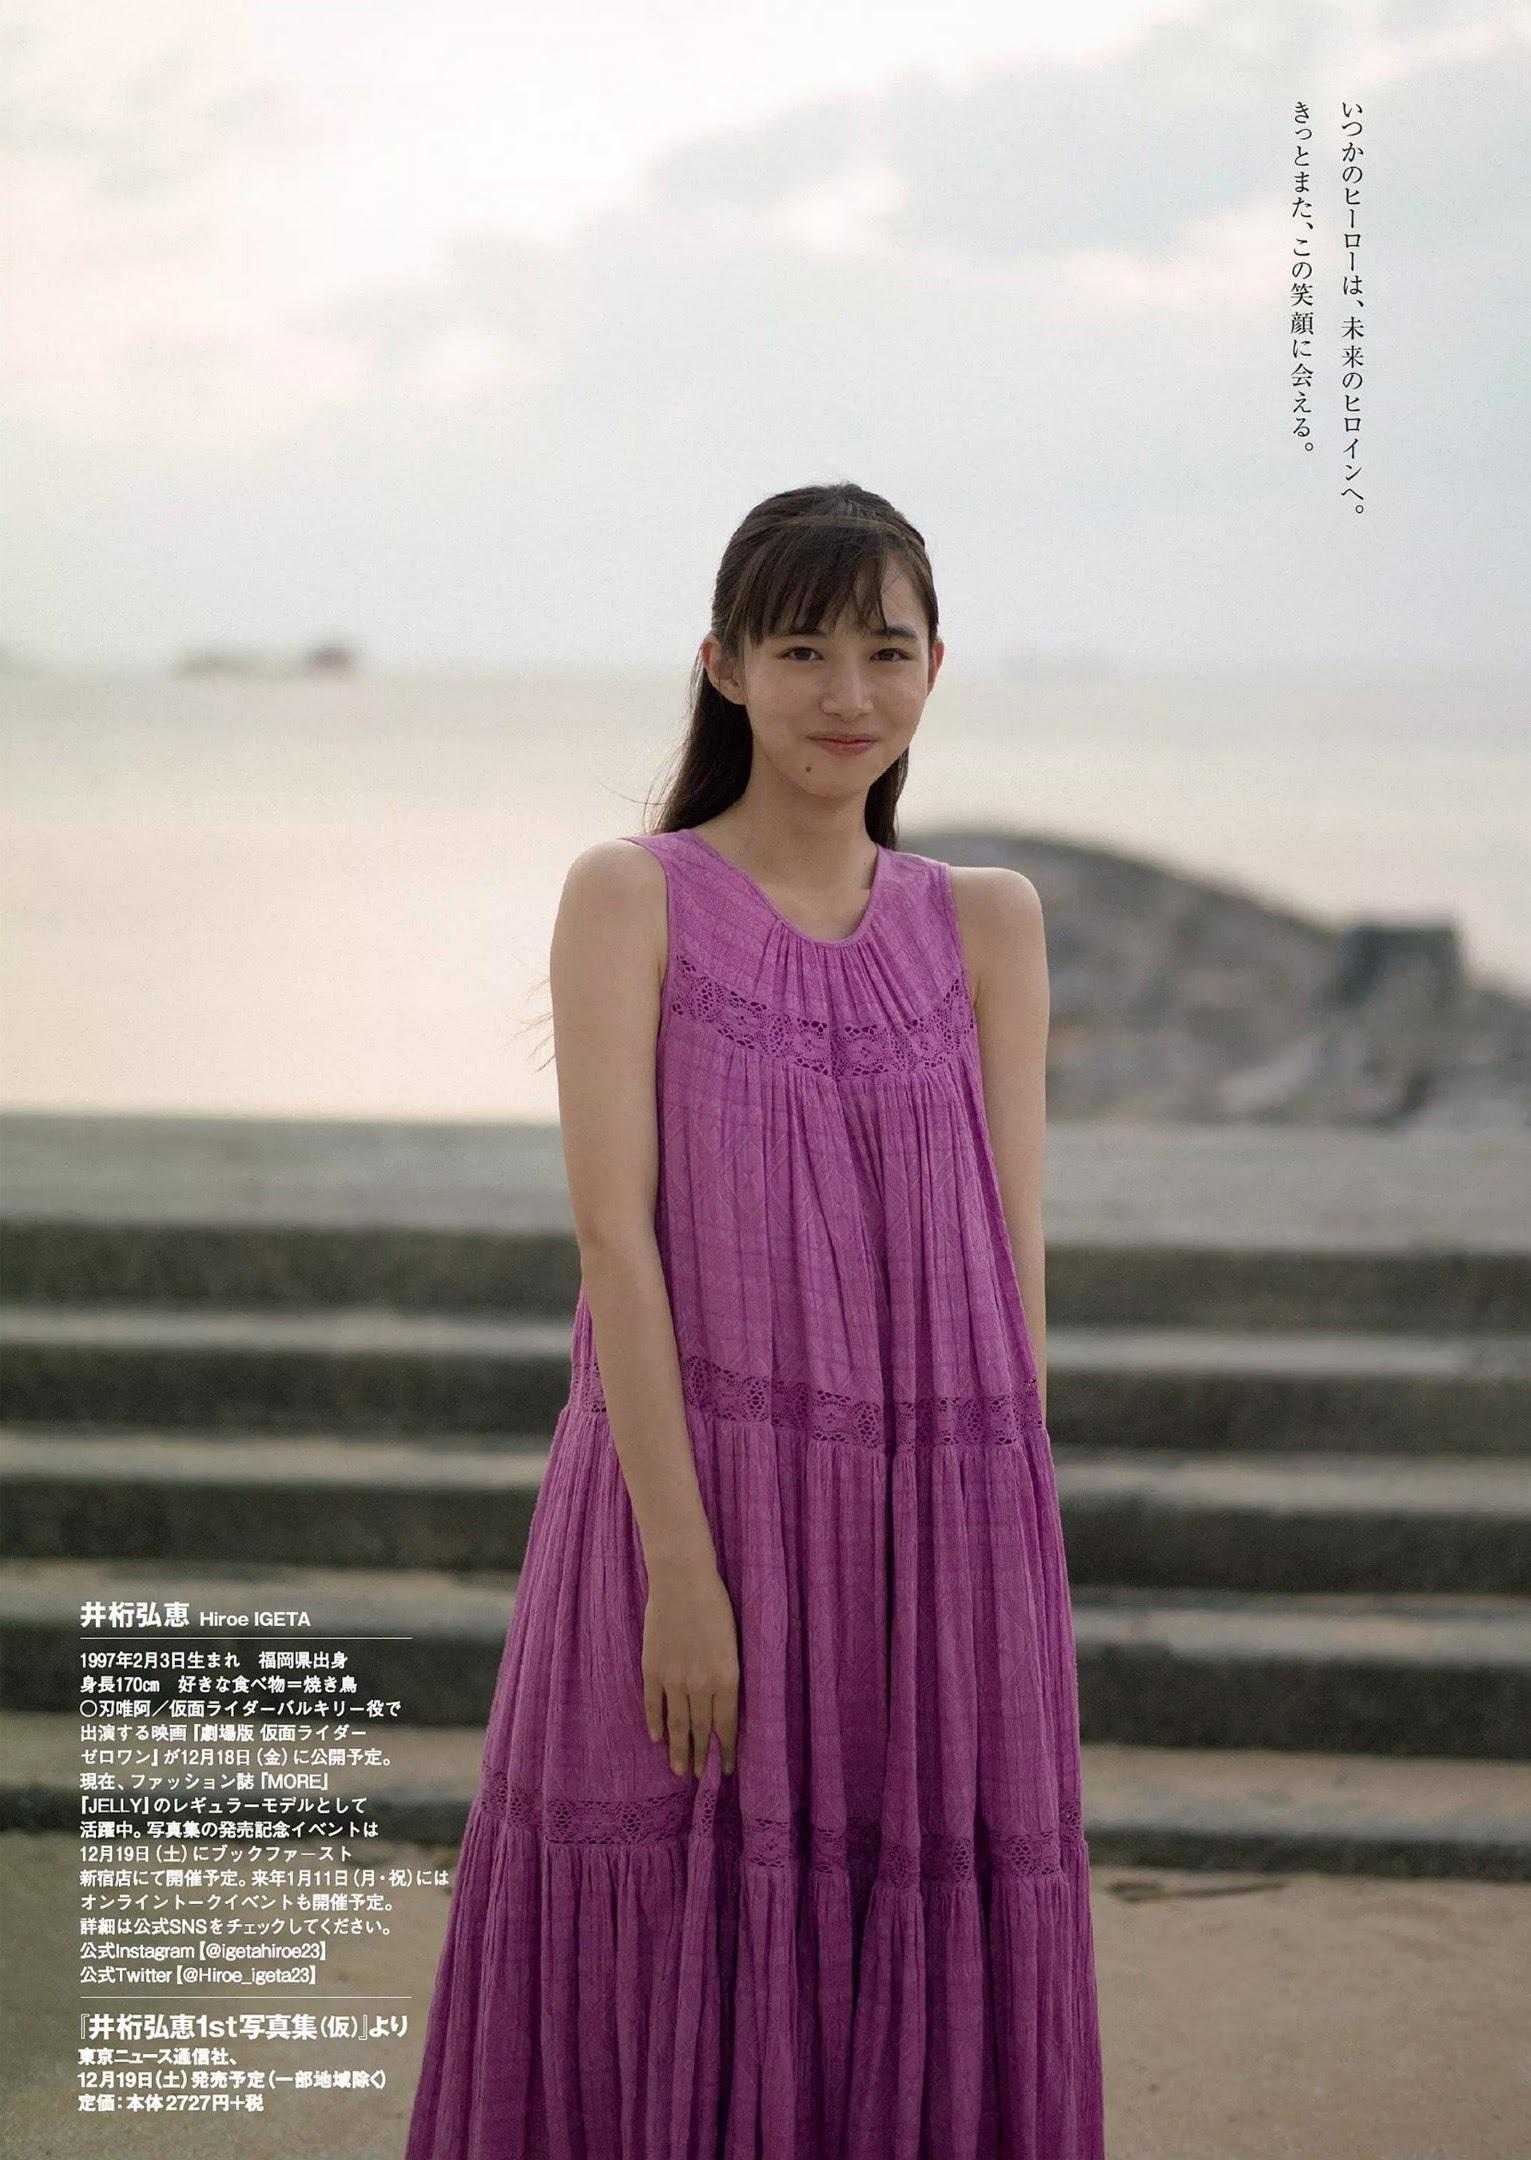 井桁弘恵199